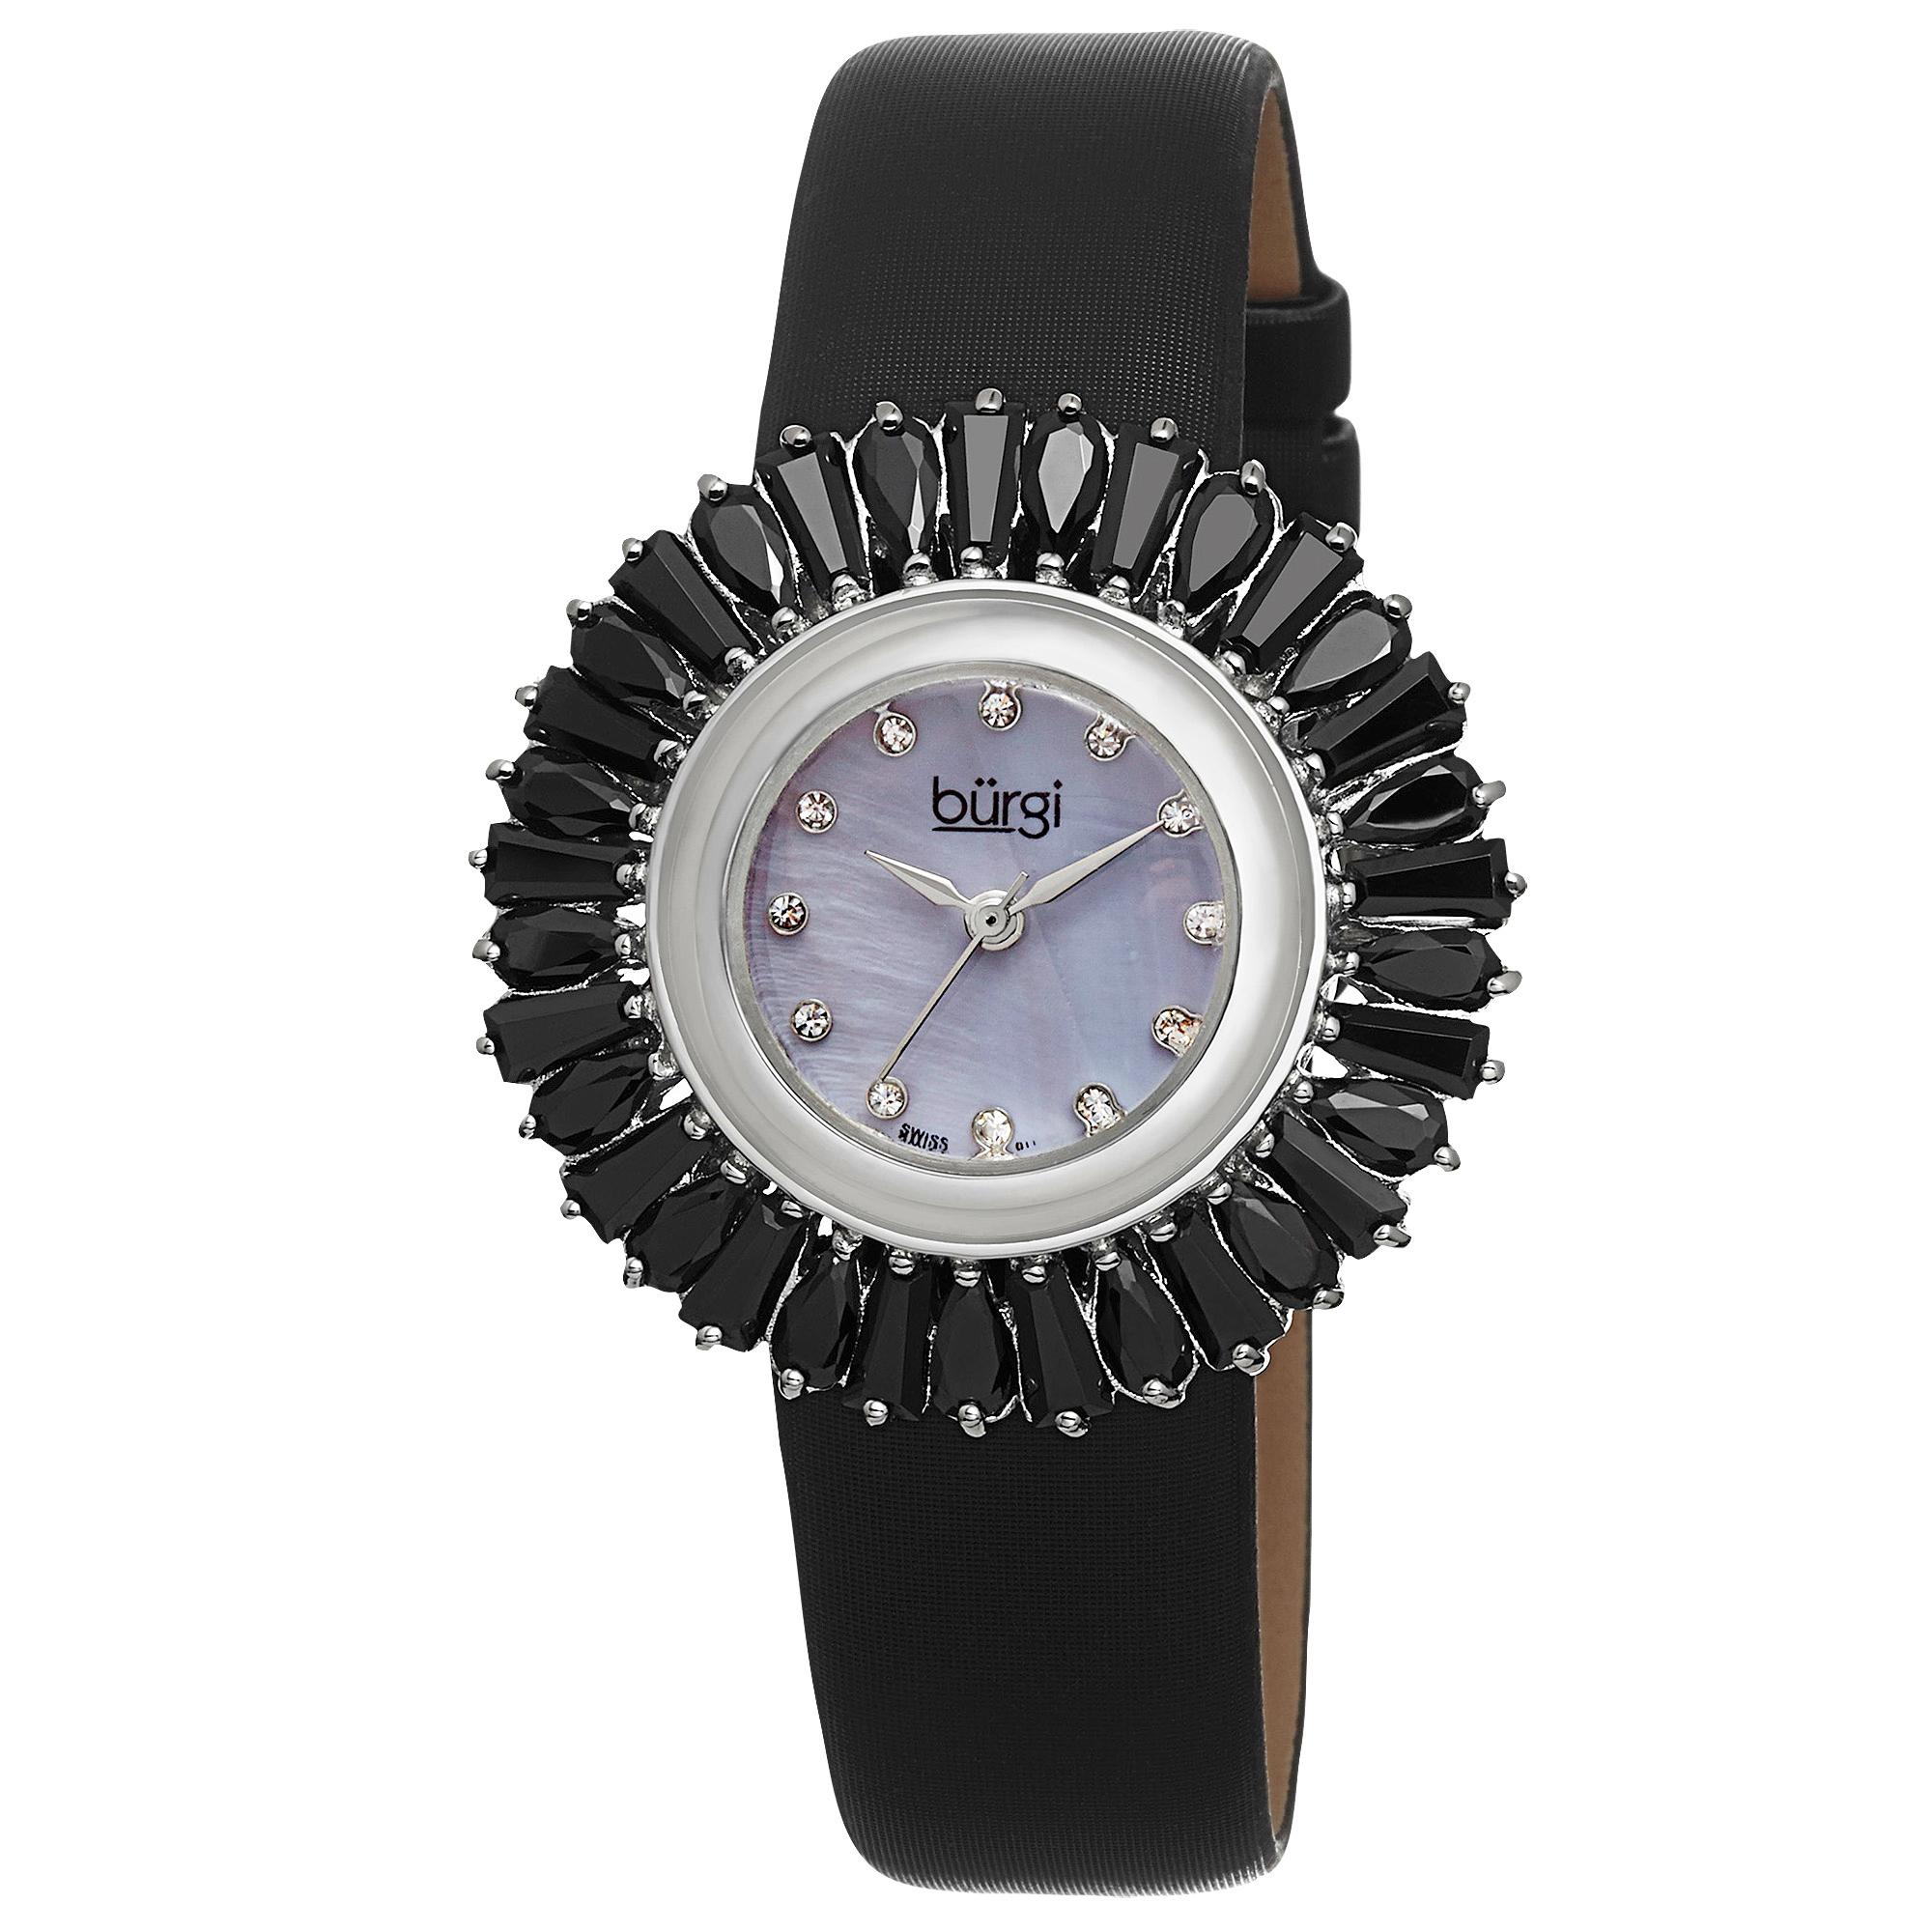 Burgi Women's Swiss Quartz Diamond Black Strap Watch by Burgi